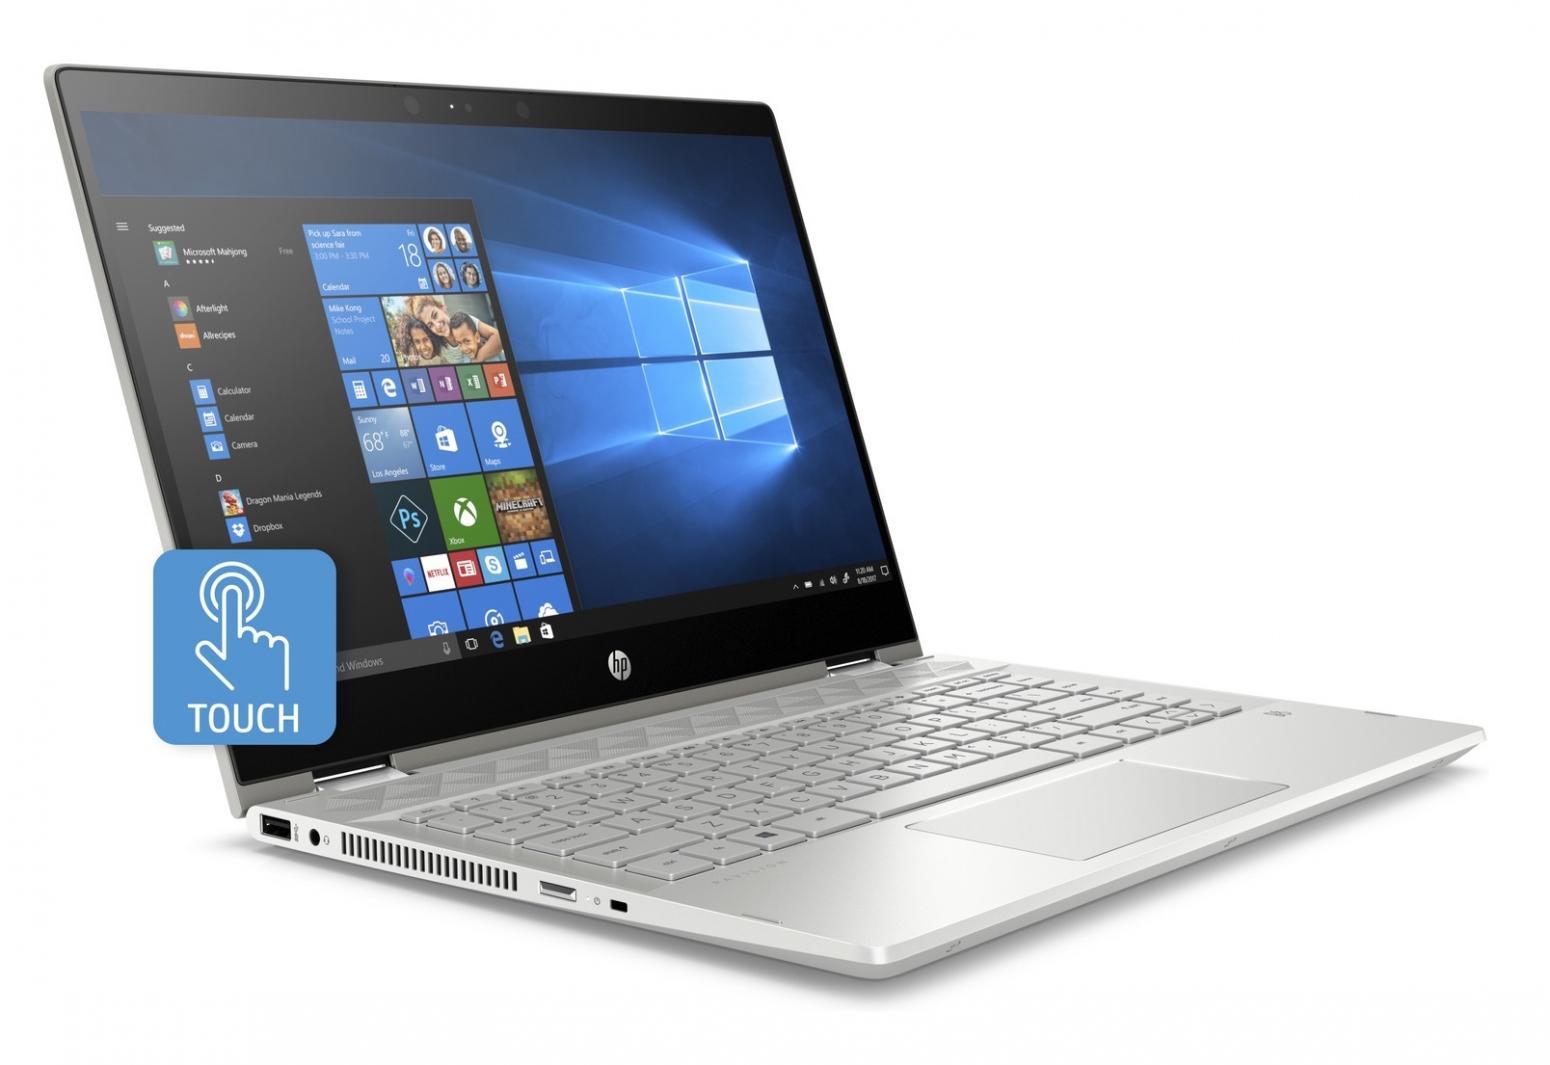 Ordinateur portable HP Pavilion x360 14-cd0001nf Gris - Tactile IPS SSD - photo 4